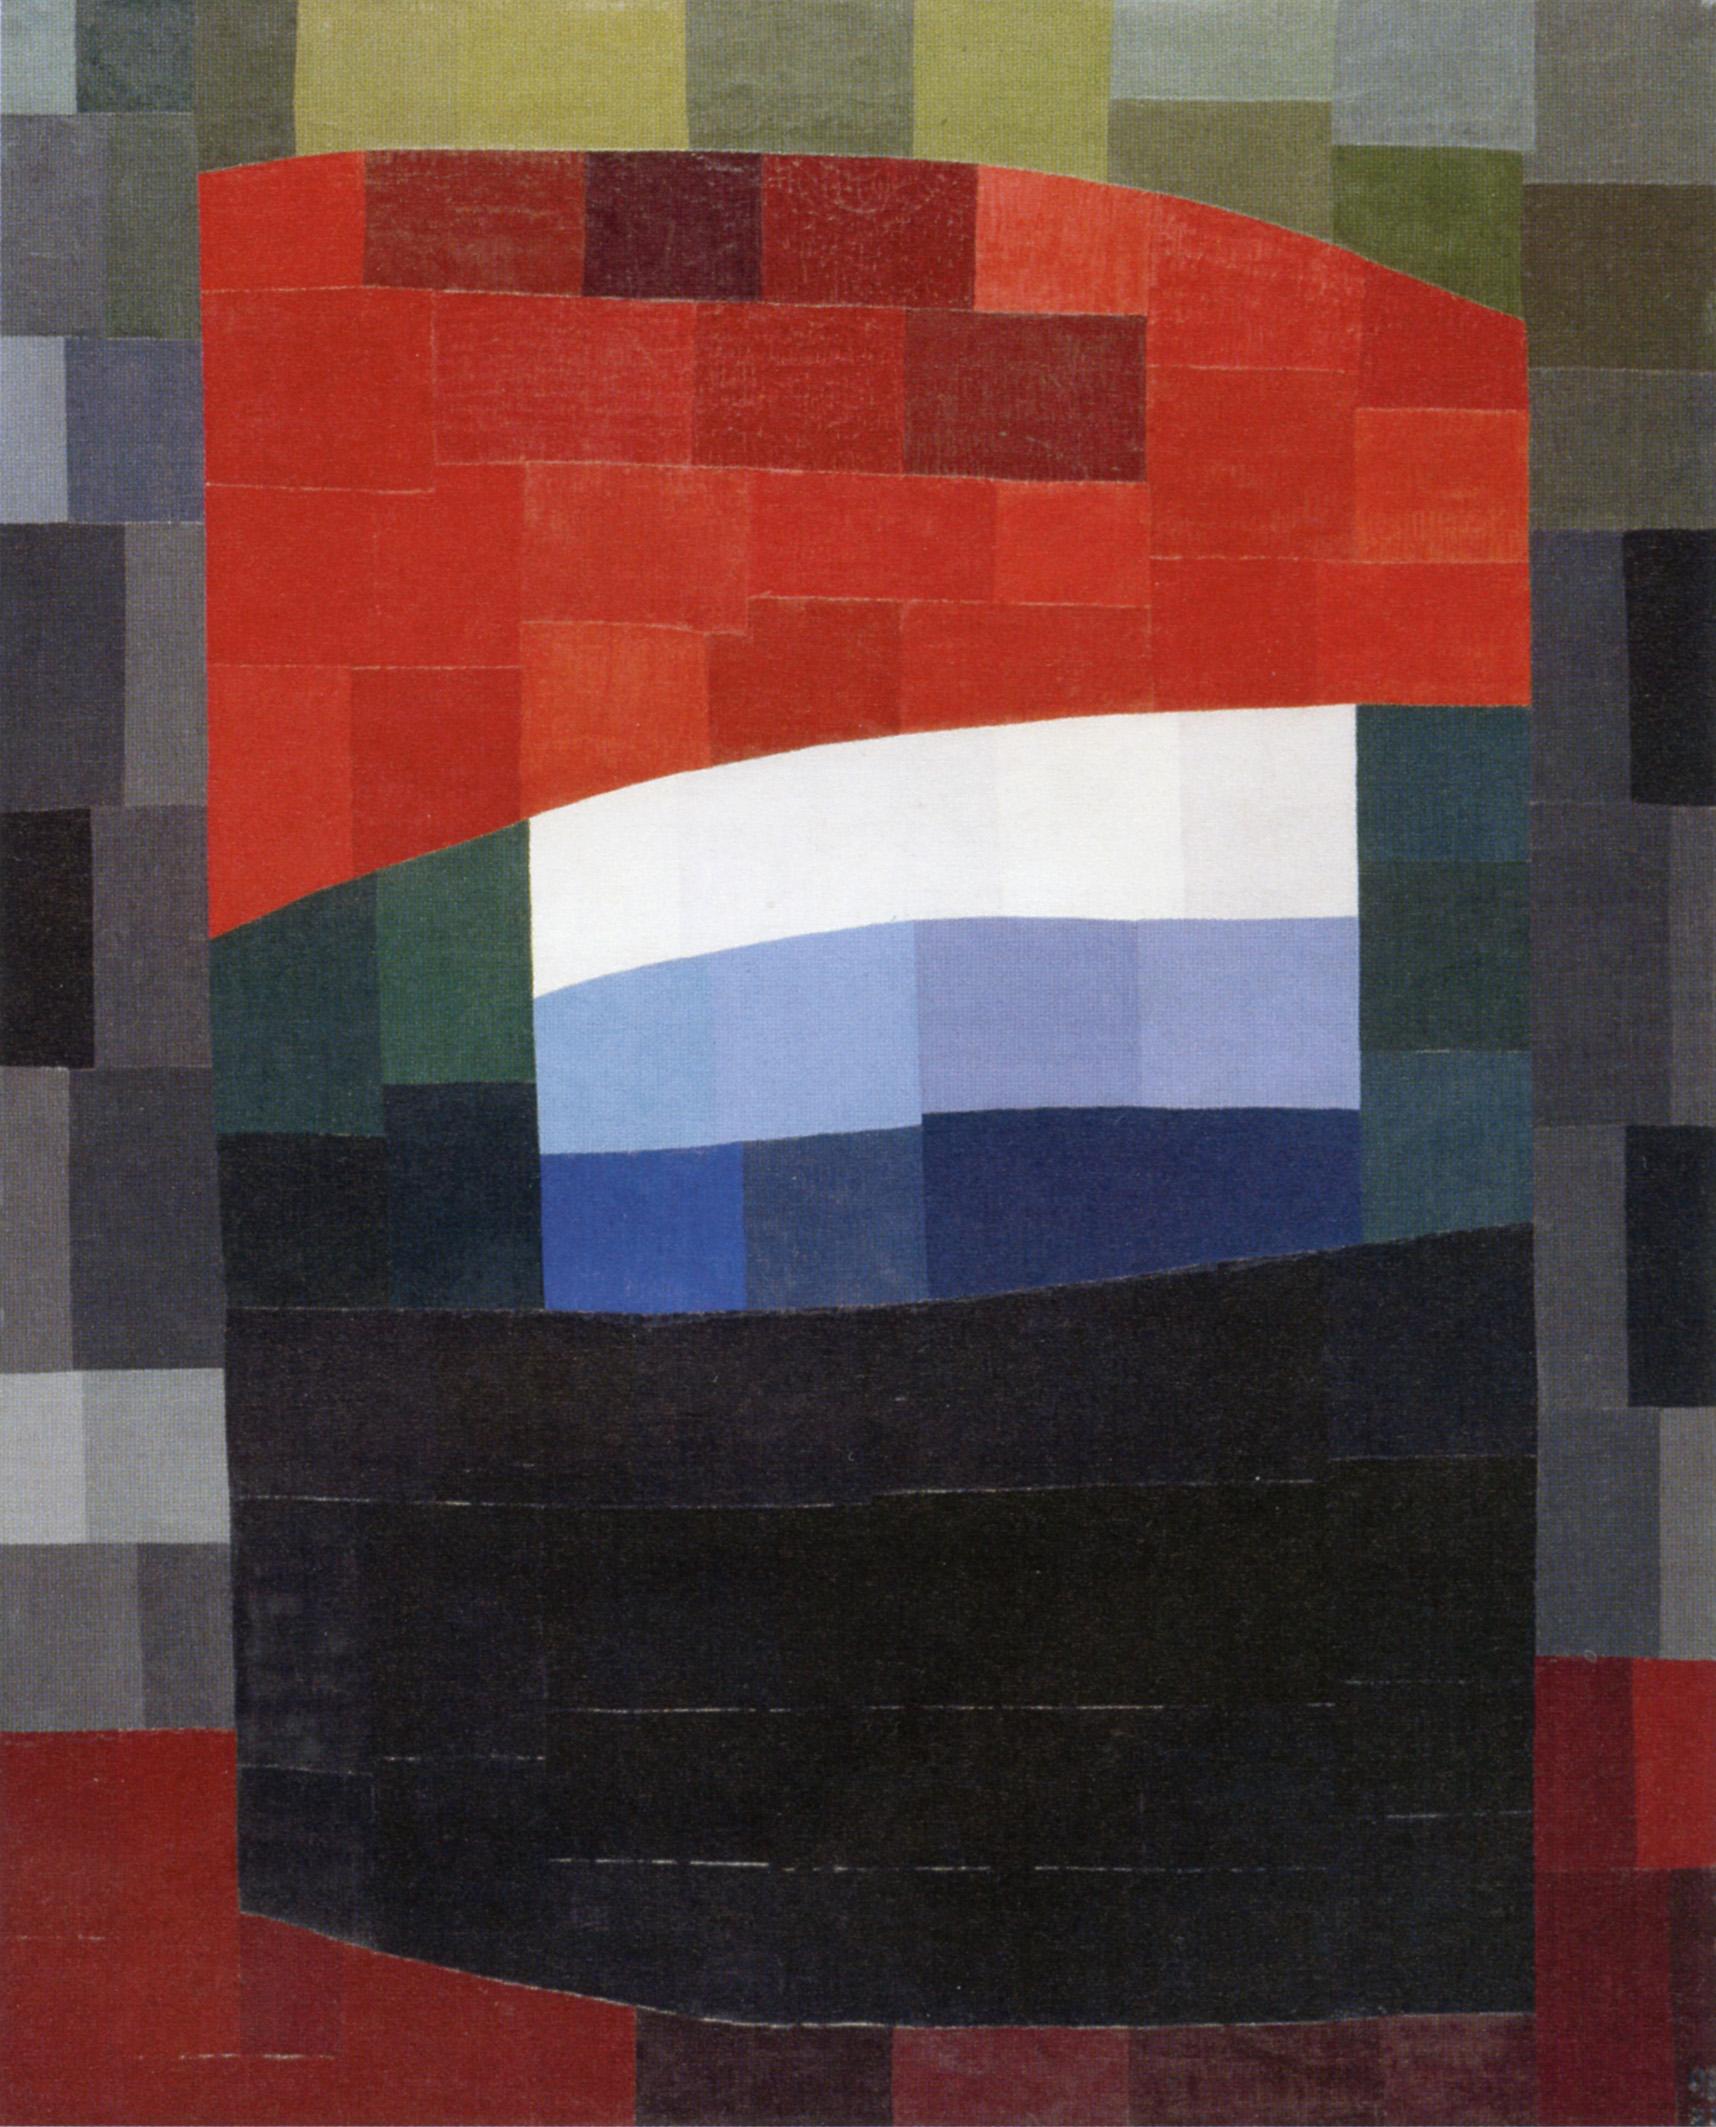 Otto_Freundlich_Mein_roter_Himmel_1933.jpg